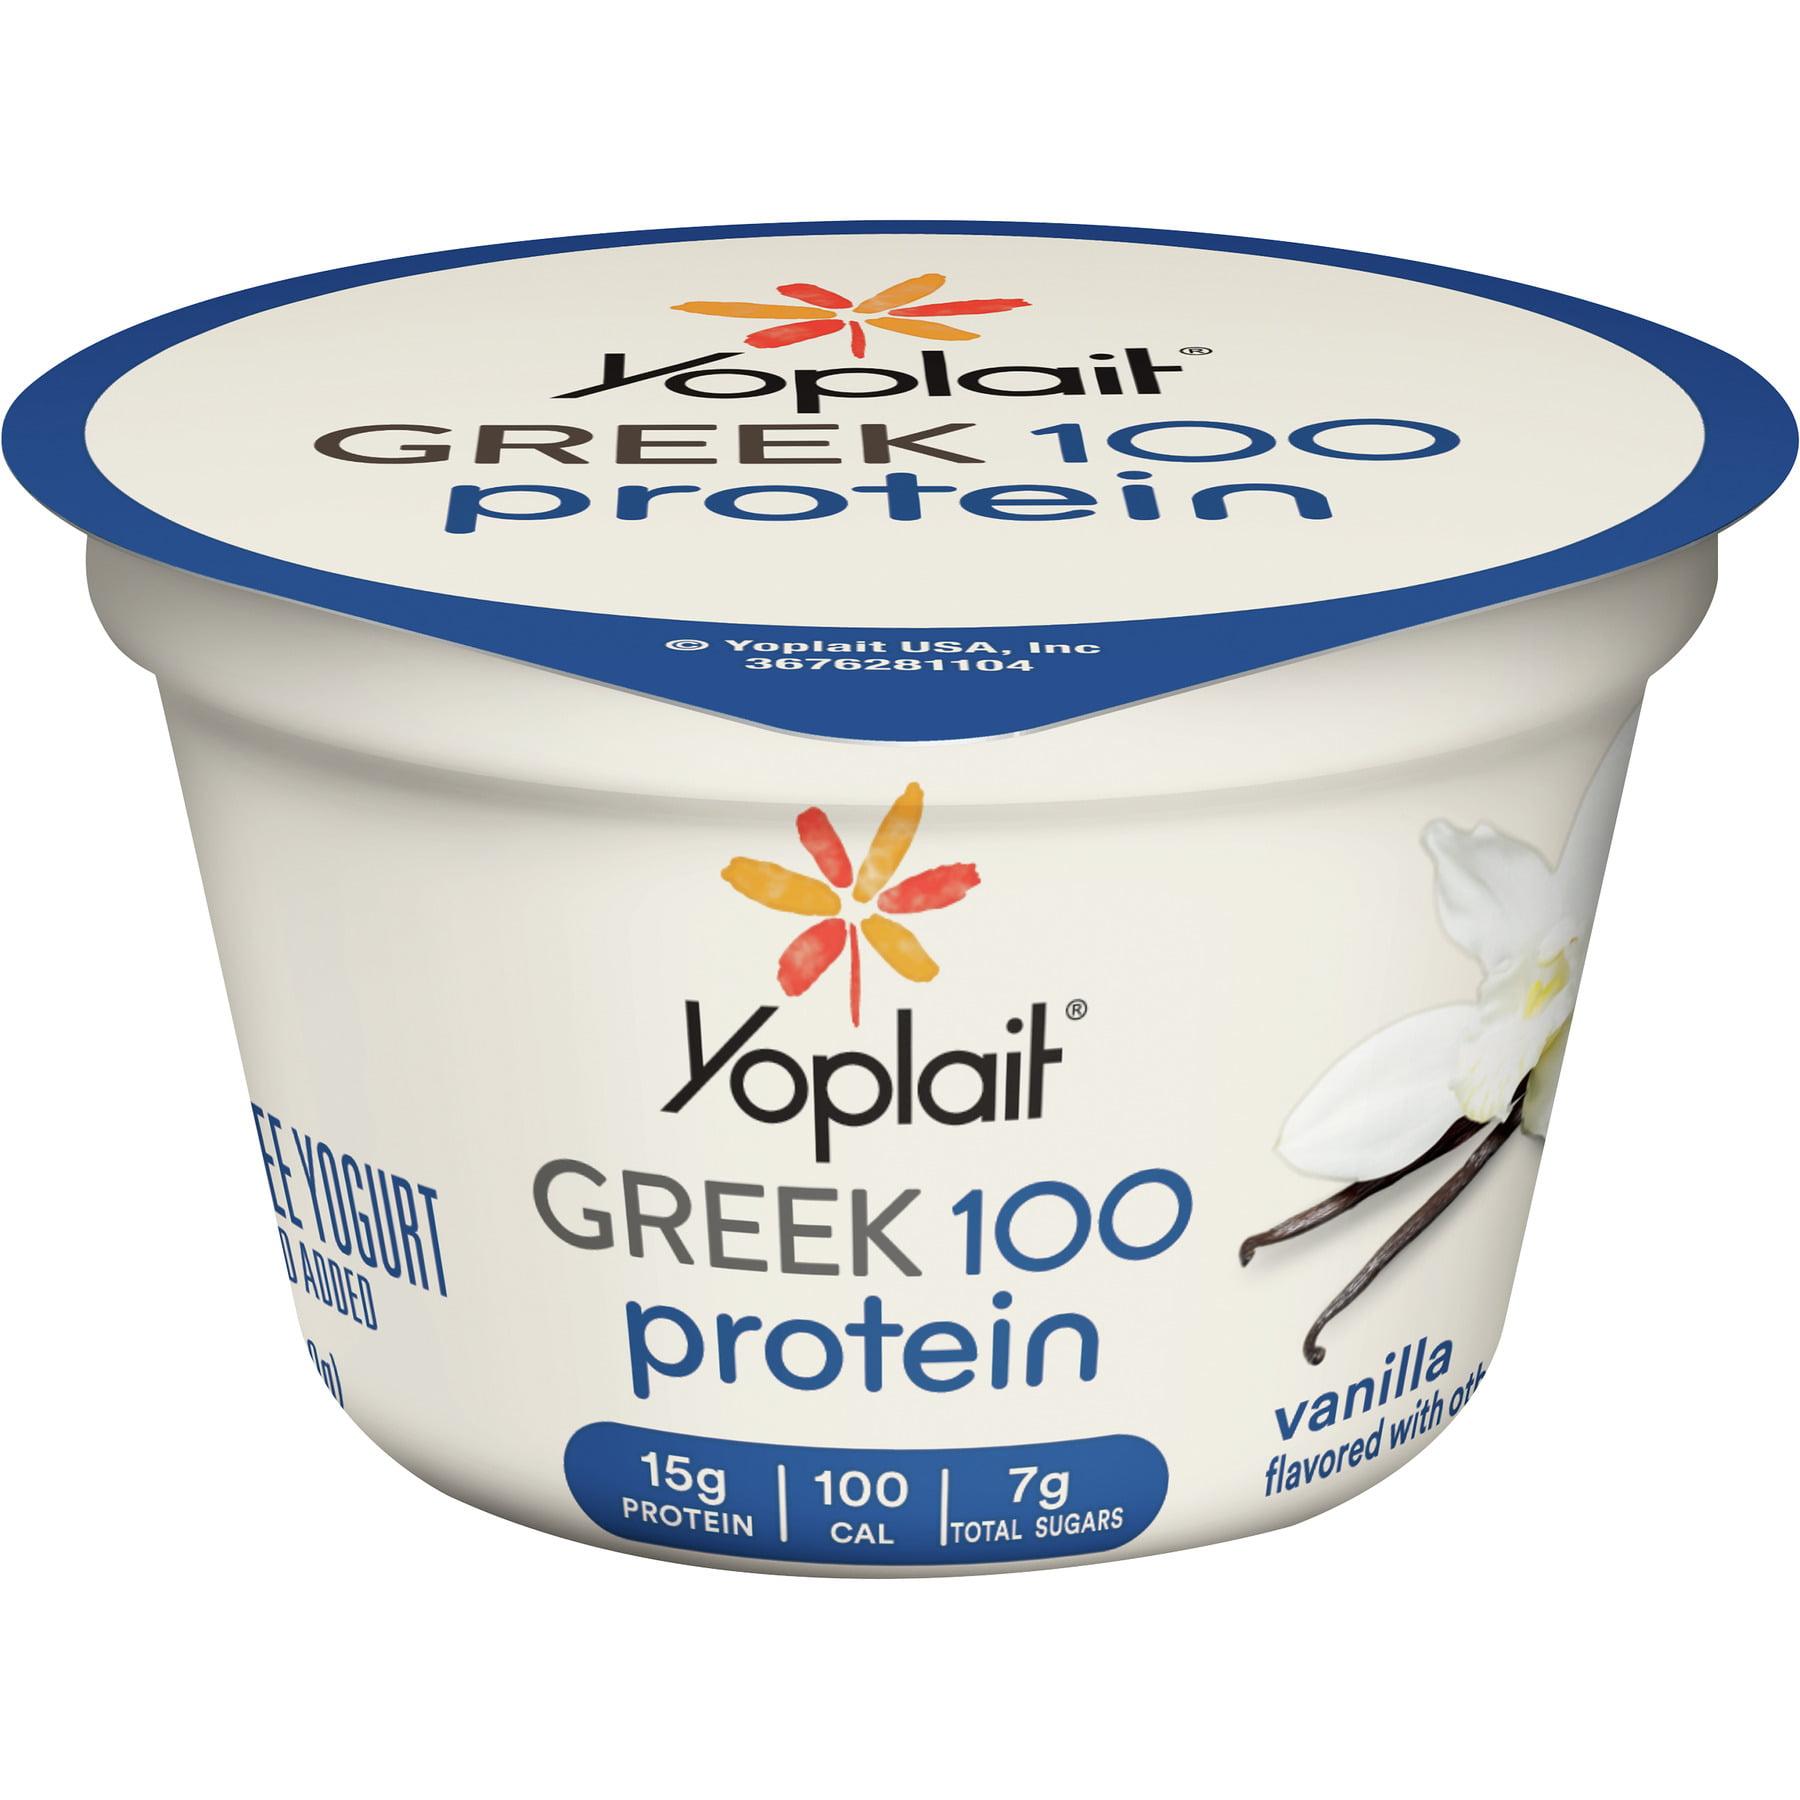 Yoplait Greek 100 Protein Vanilla